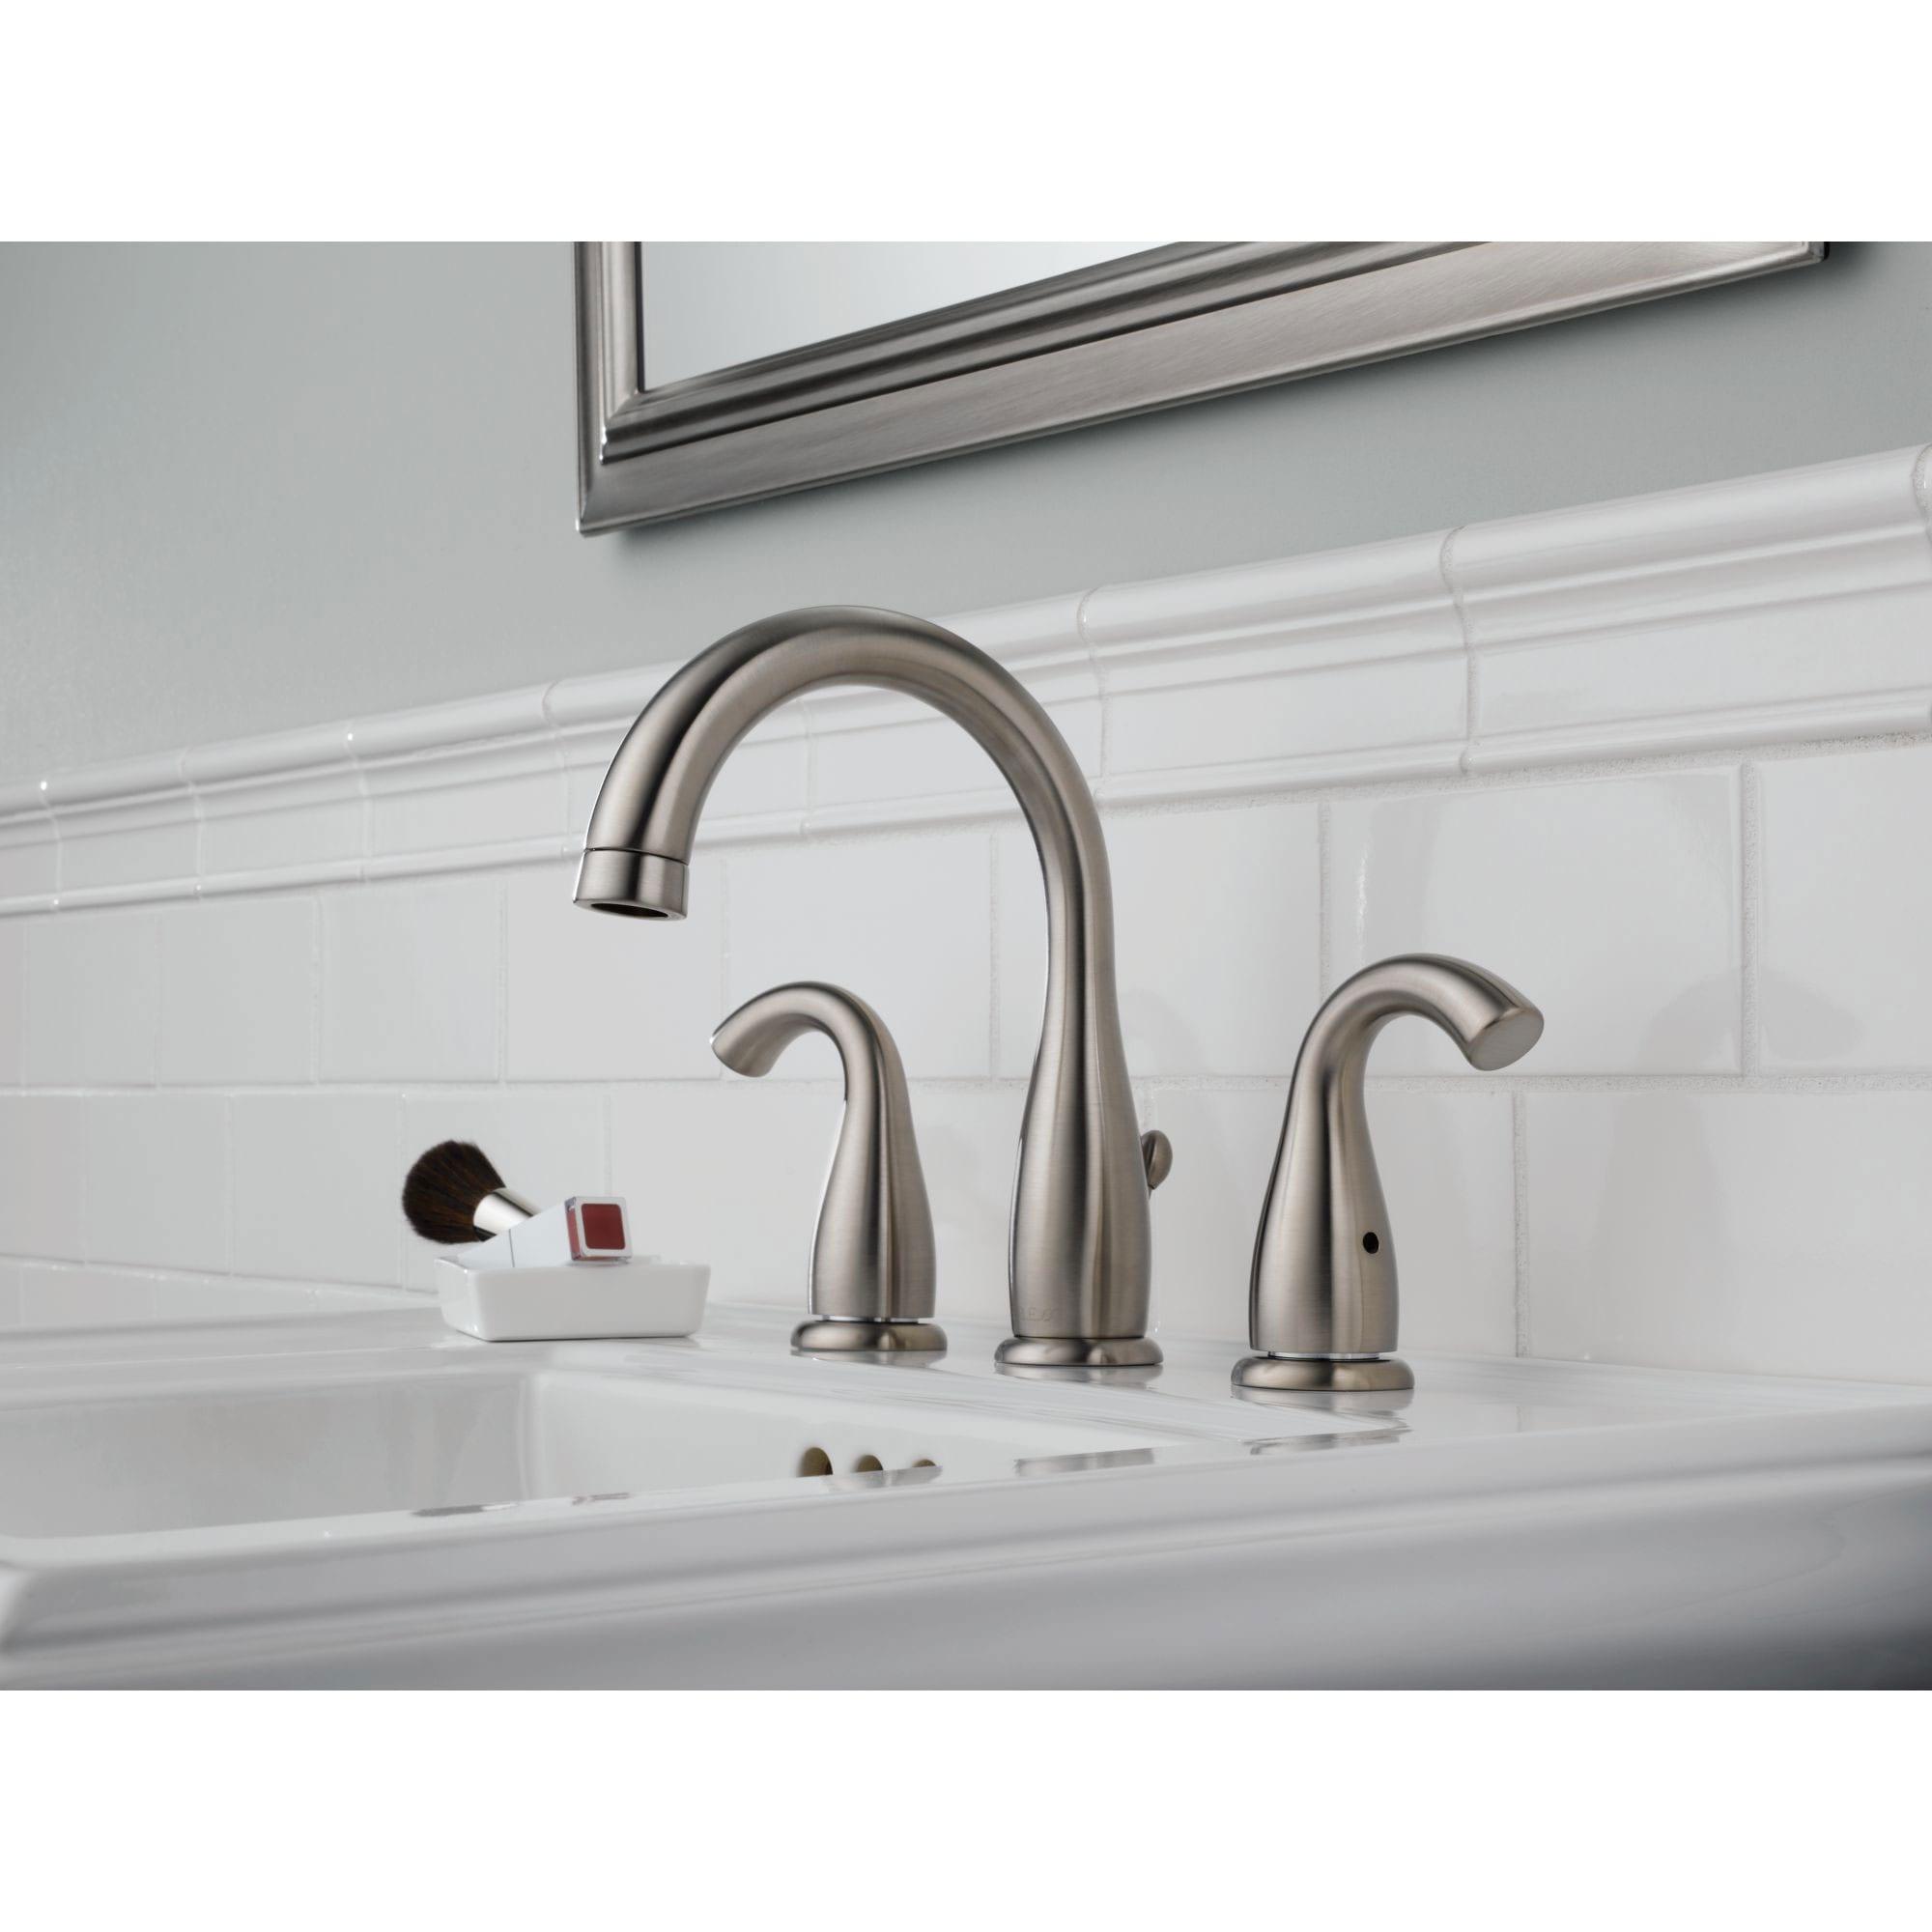 Shop peerless 8 inch widespread brushed nickel lavatory - 8 inch brushed nickel bathroom faucet ...